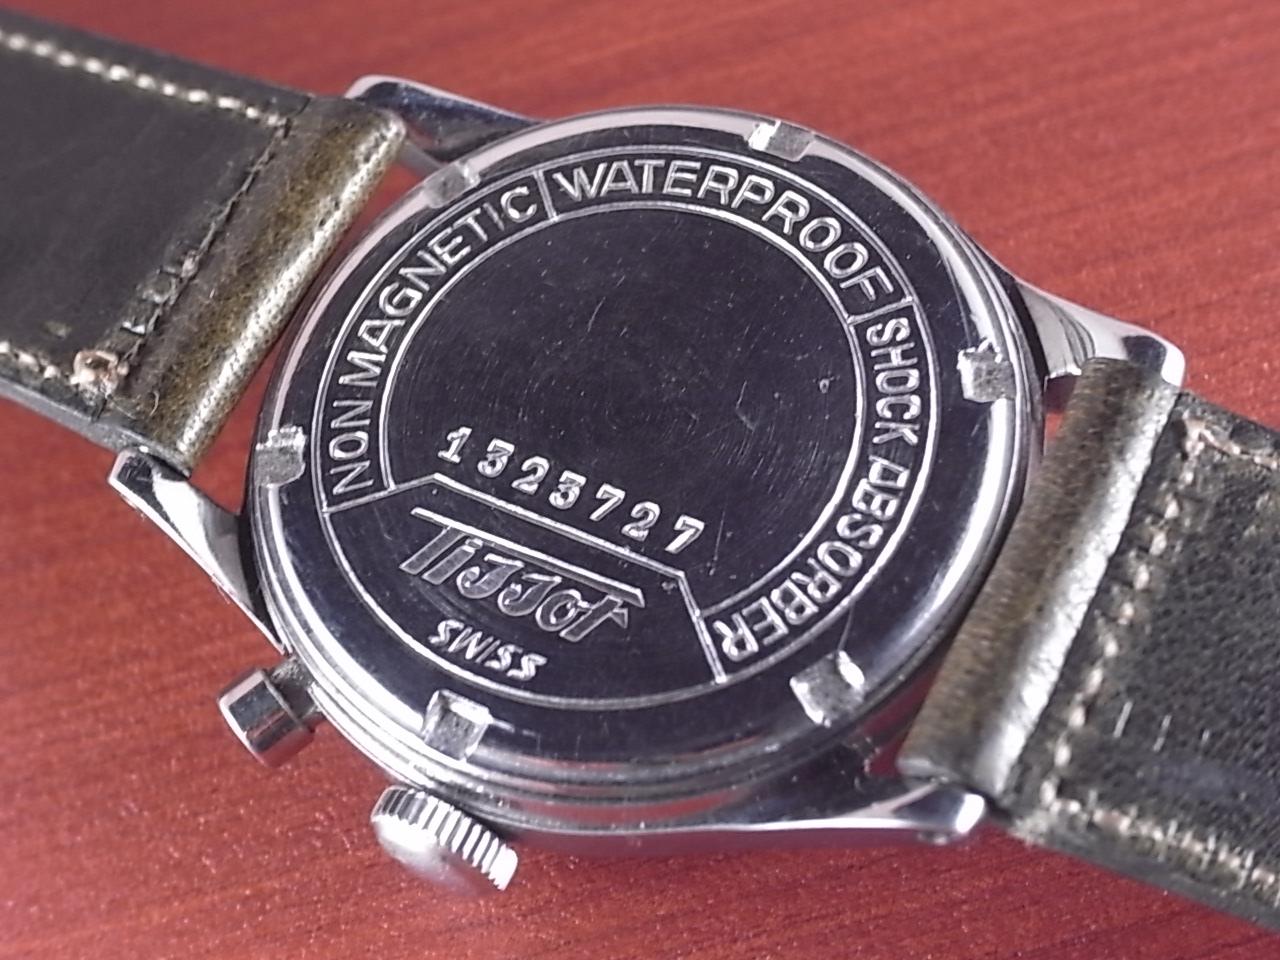 ティソ メディオスタット ストップセコンド ドクターズタイマー 1940年代の写真4枚目